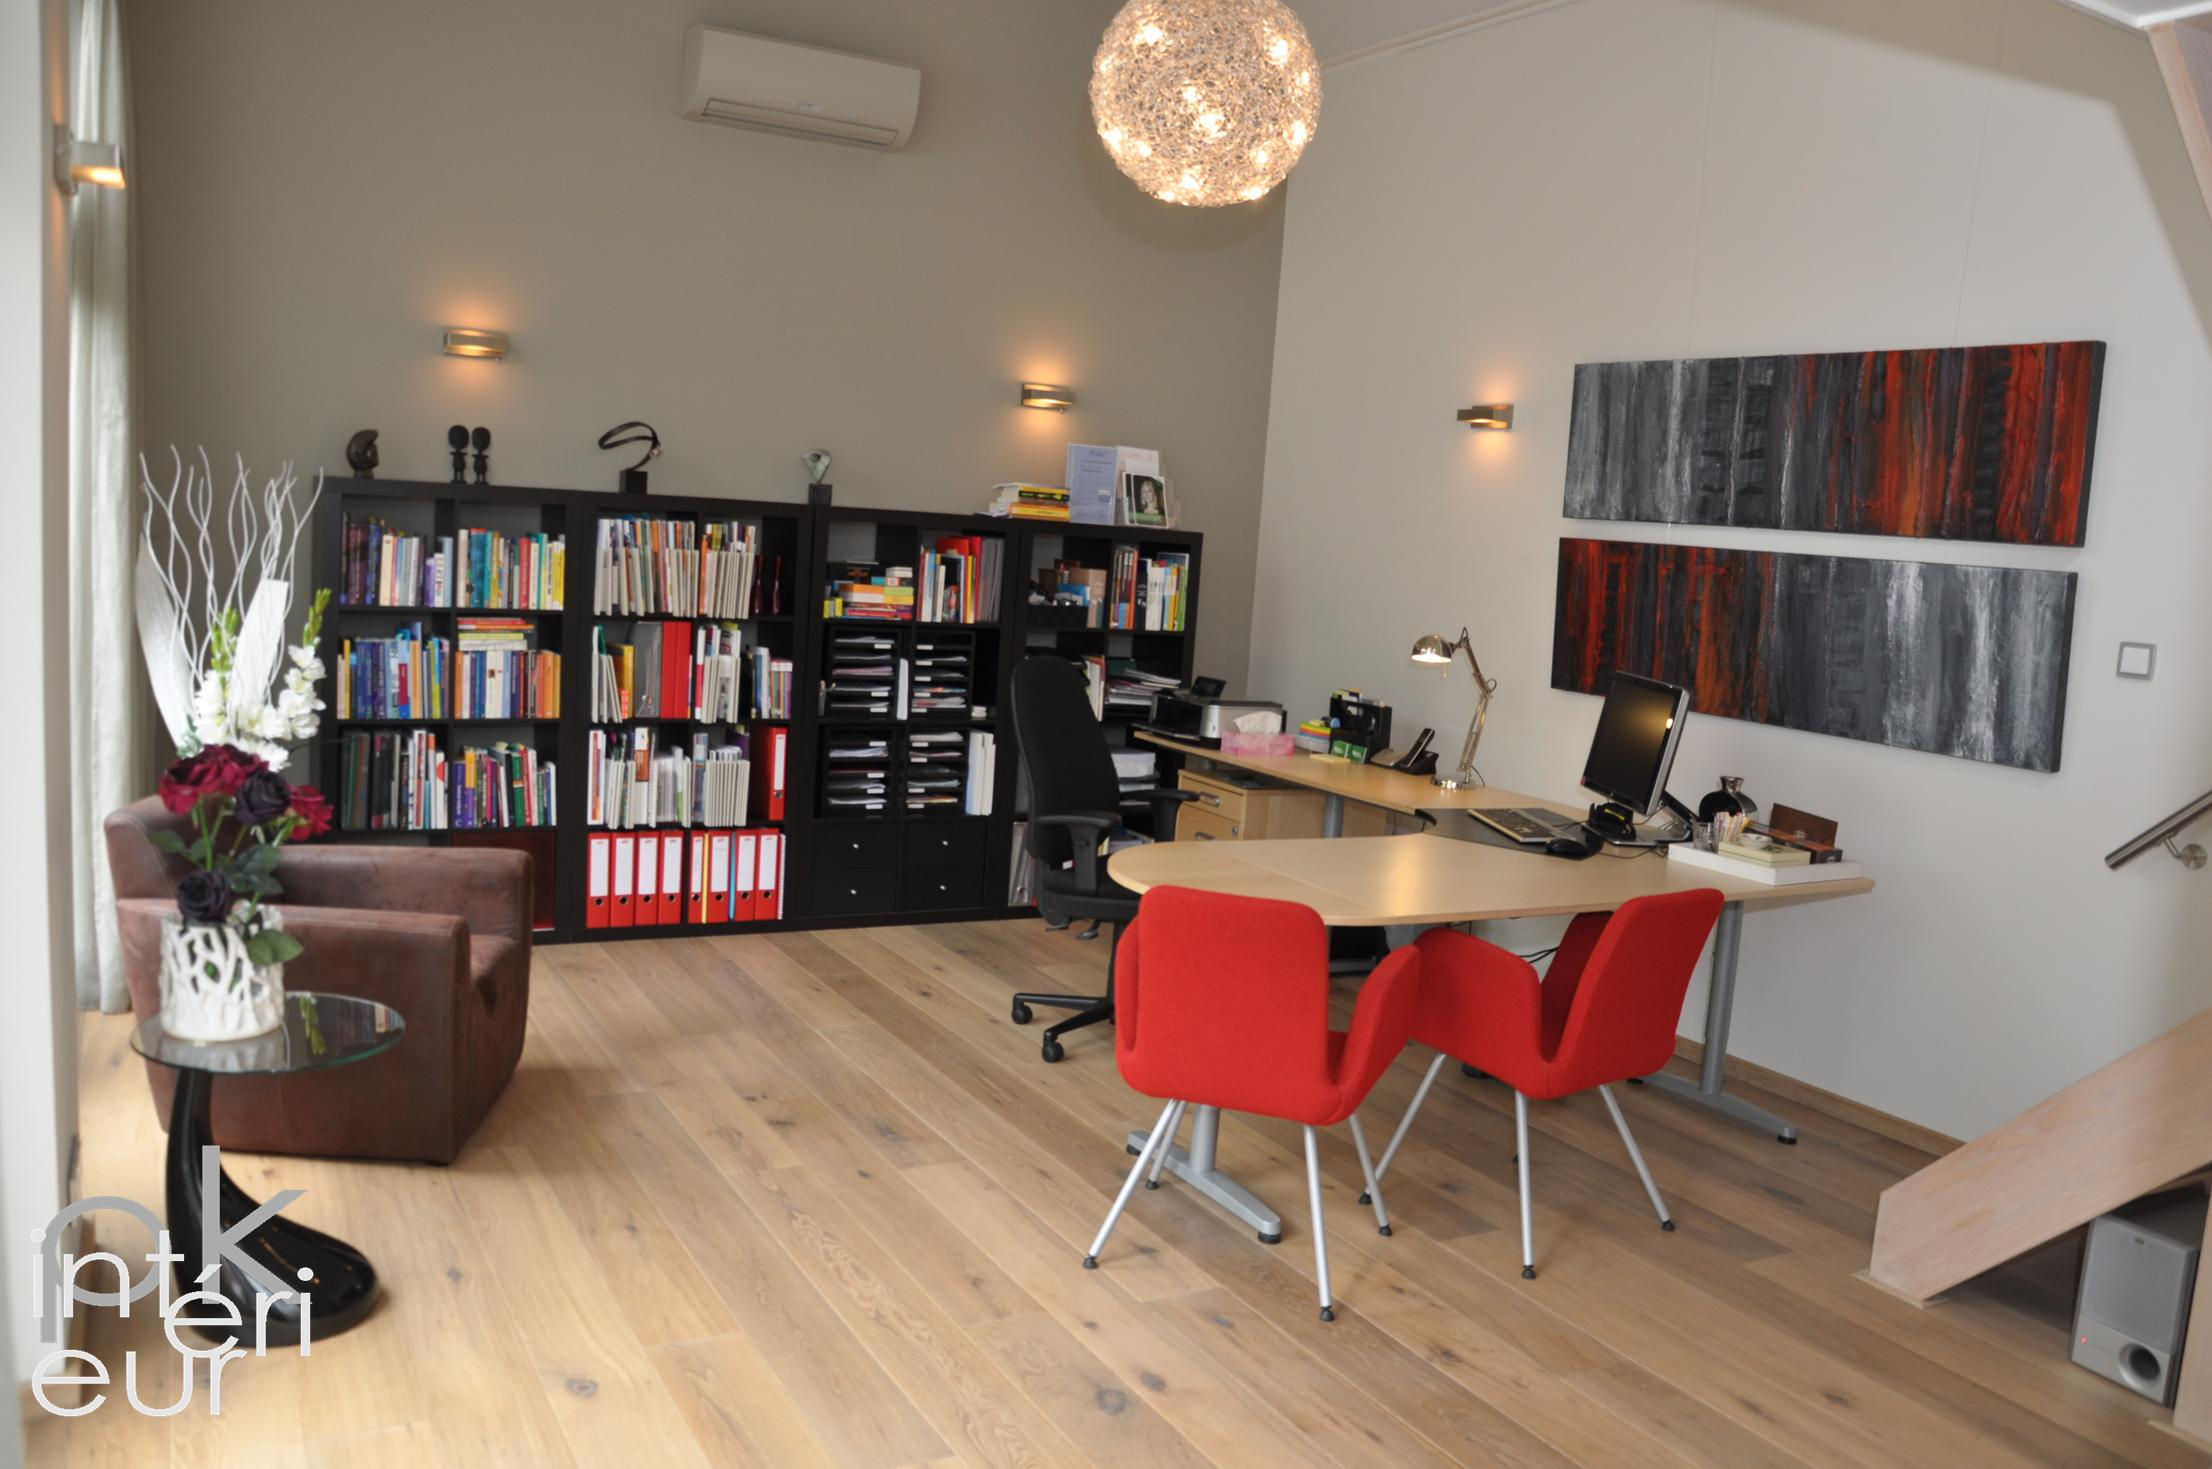 Interieurarchitectuur kantoorruimte eenmanszaak compleet ontwerp voor de herstructurering van - Decorar despacho profesional ...